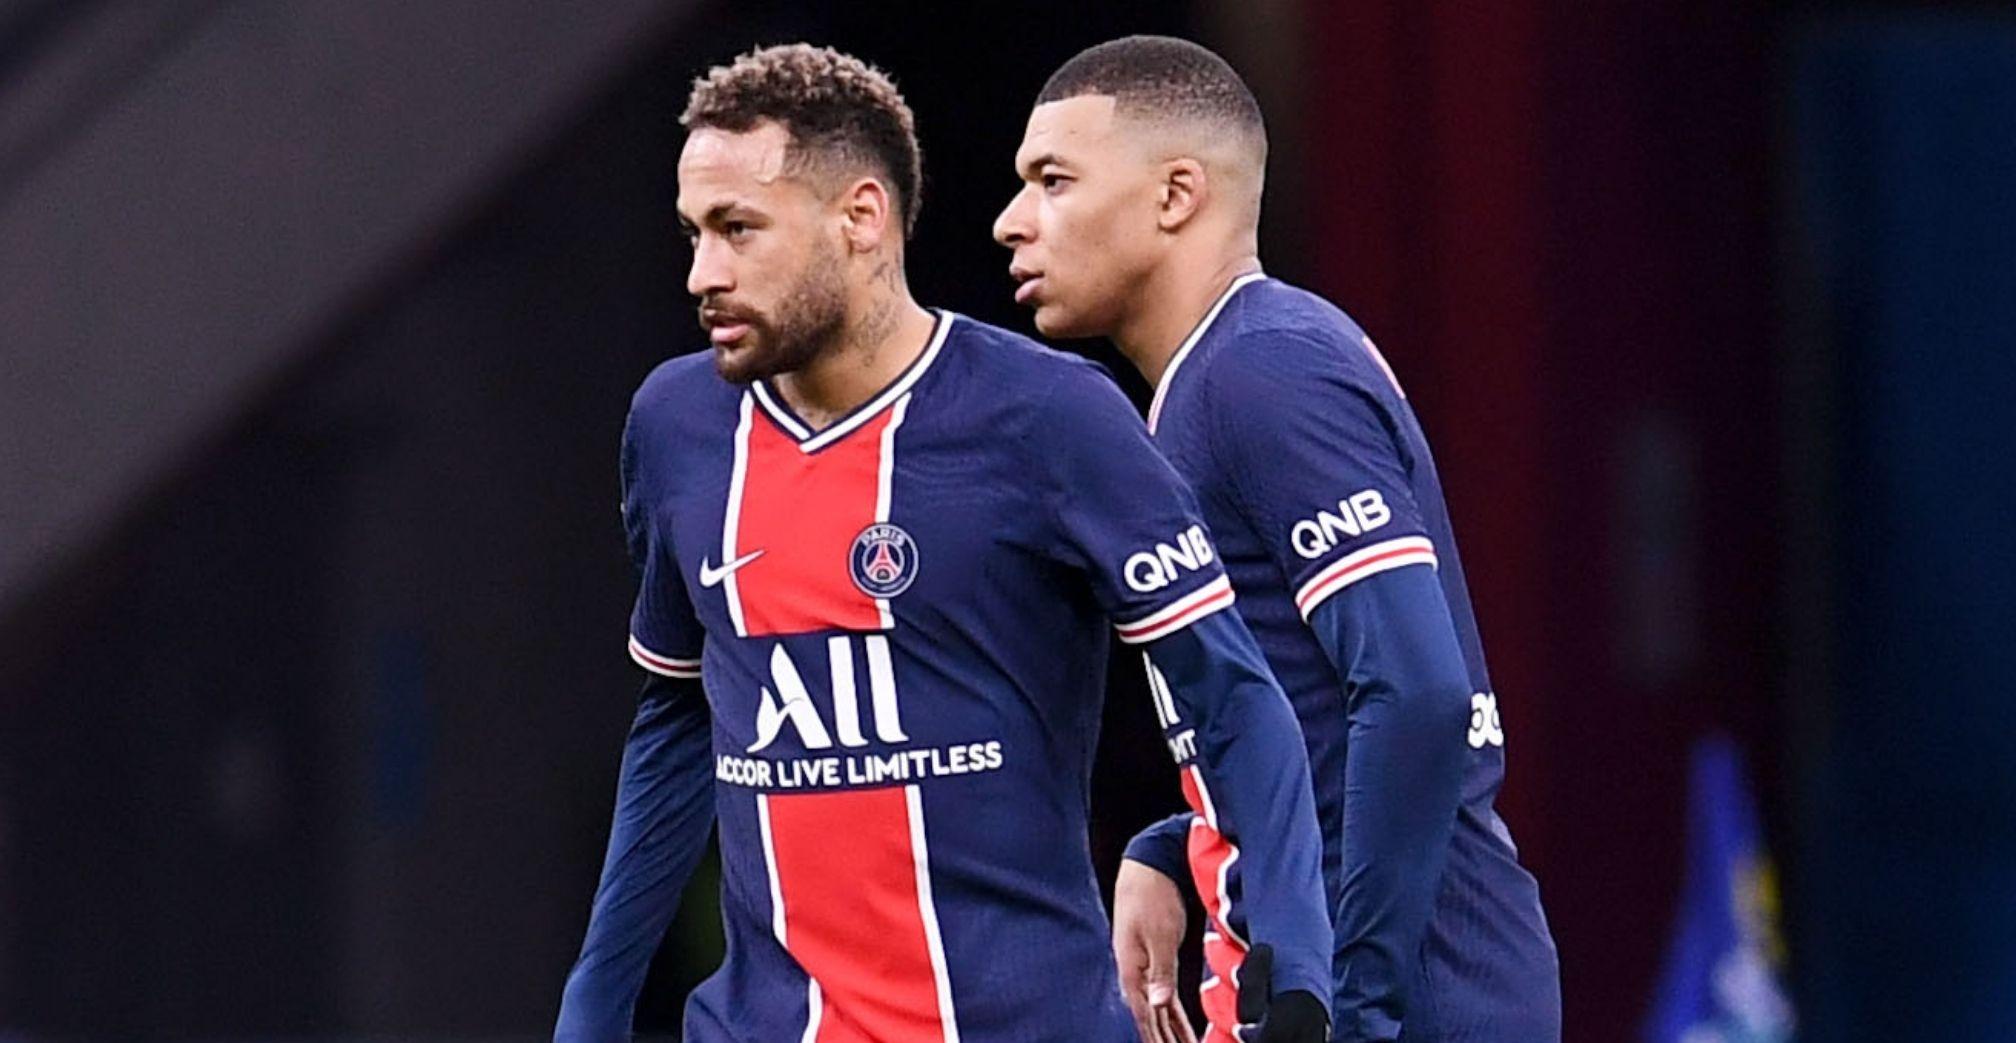 PSG-Lille preview: Neymar in line for start